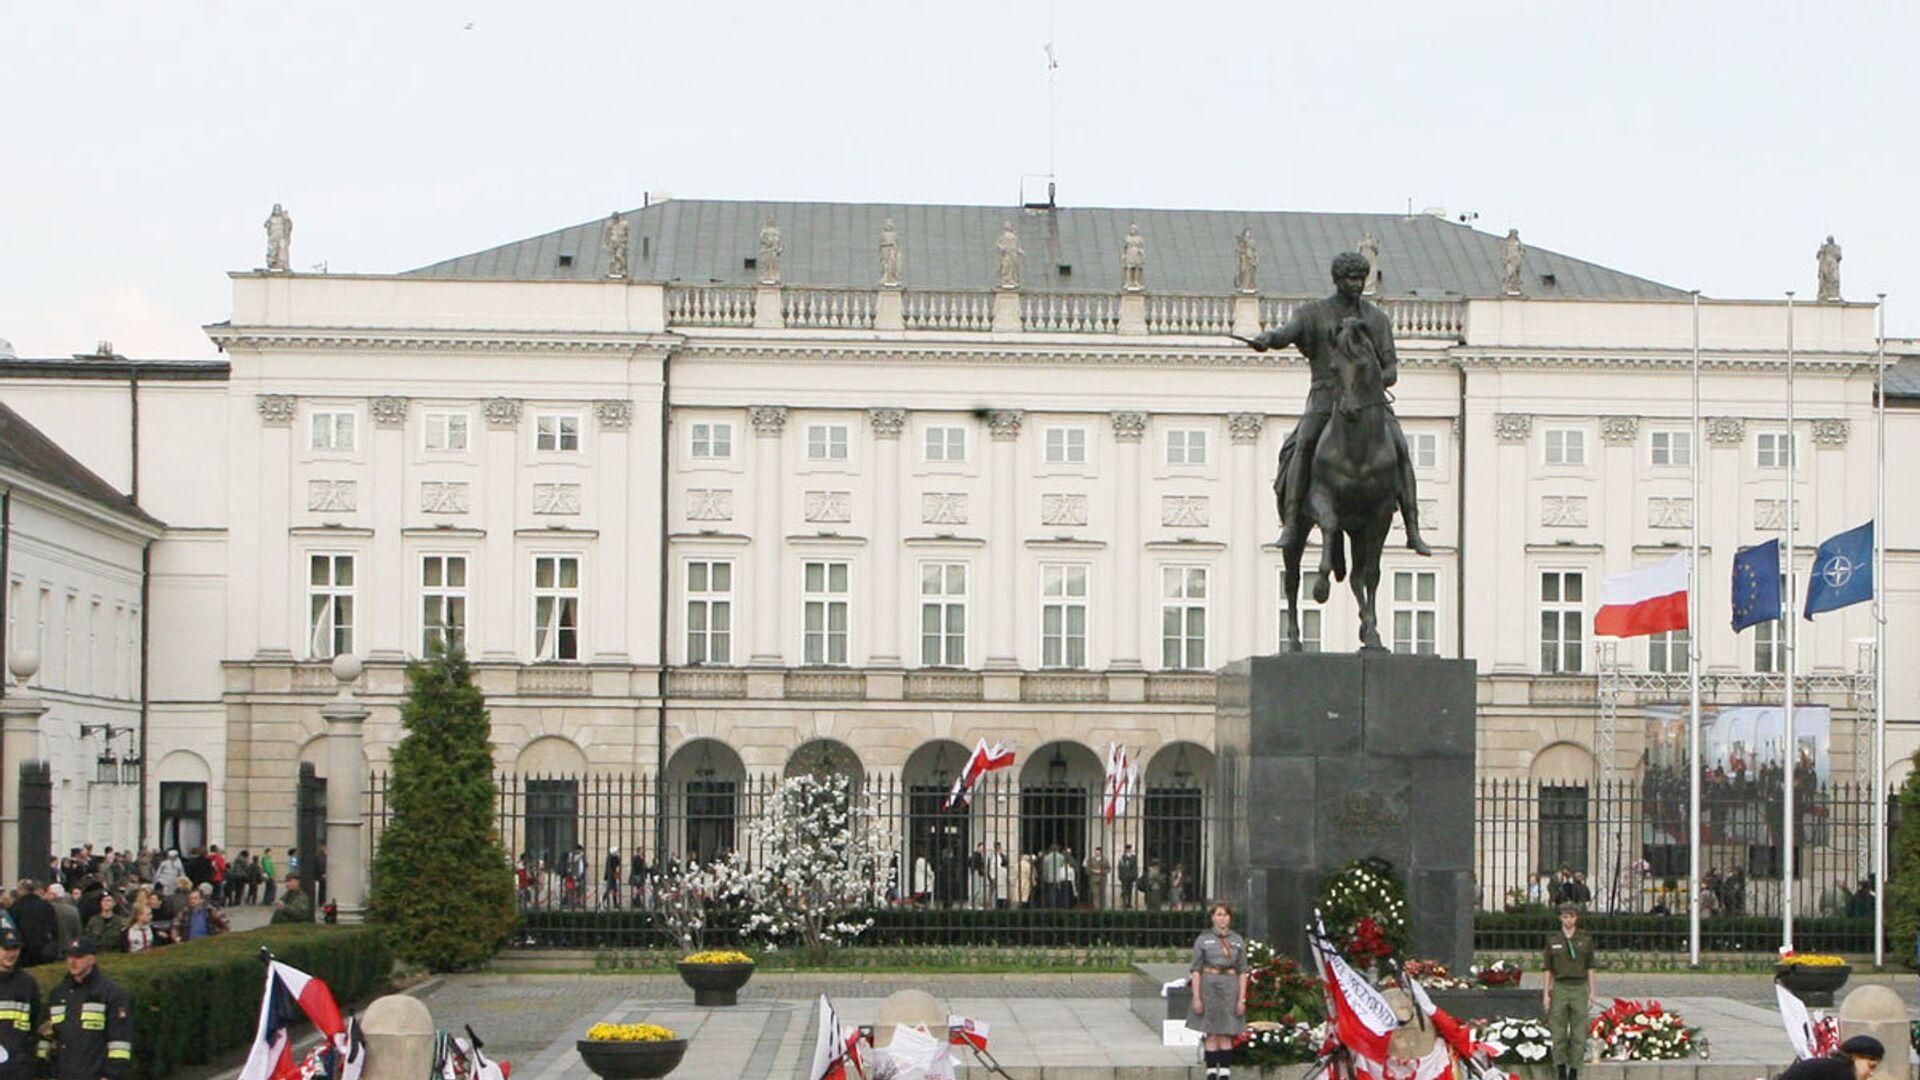 Президентский дворец в Варшаве - РИА Новости, 1920, 18.09.2020